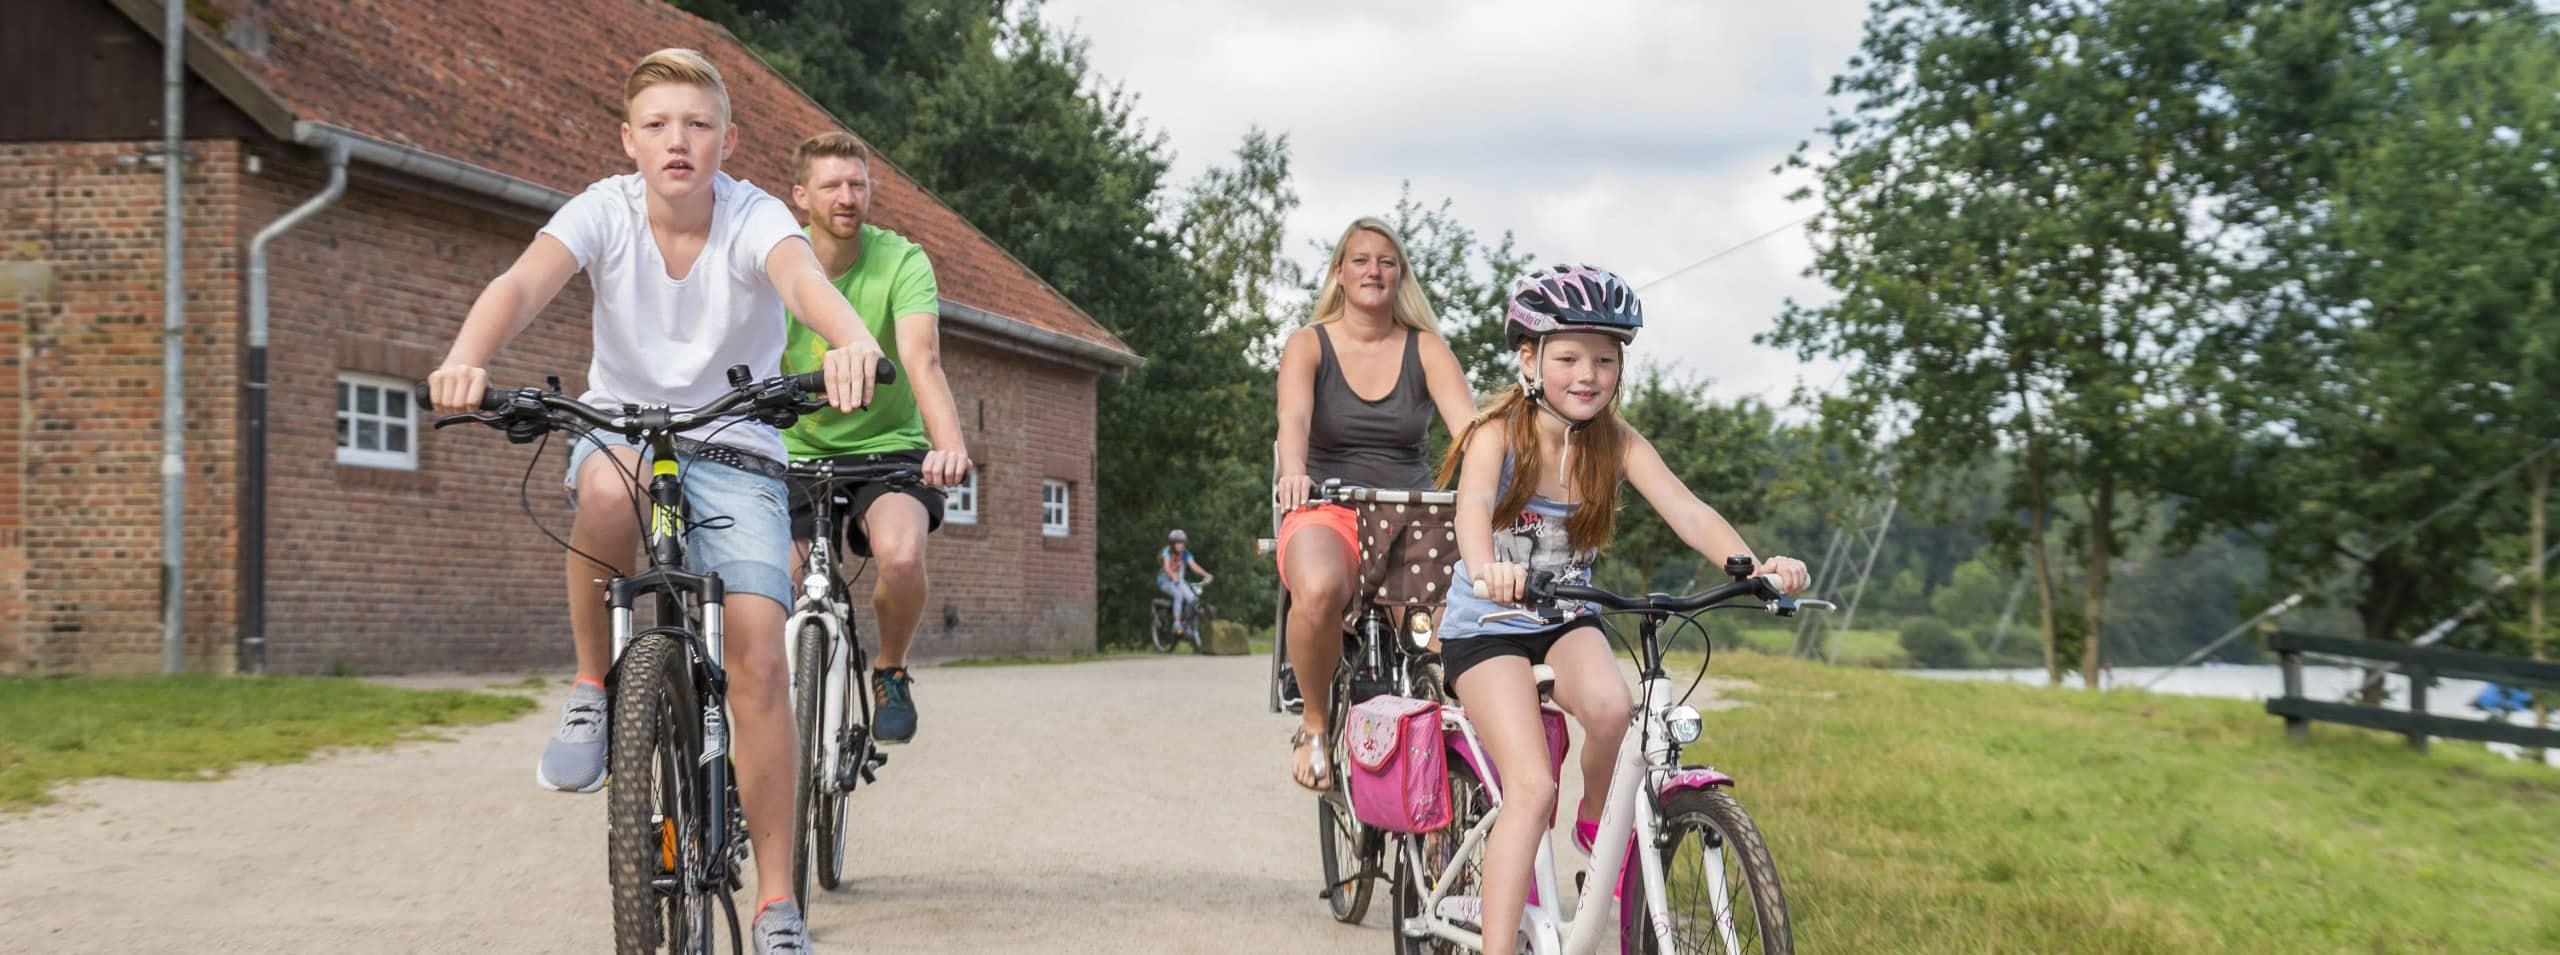 Familotel Gut Landegge Umgebung Familien Raddtour Fahrradtour an der Ems Familienurlaub